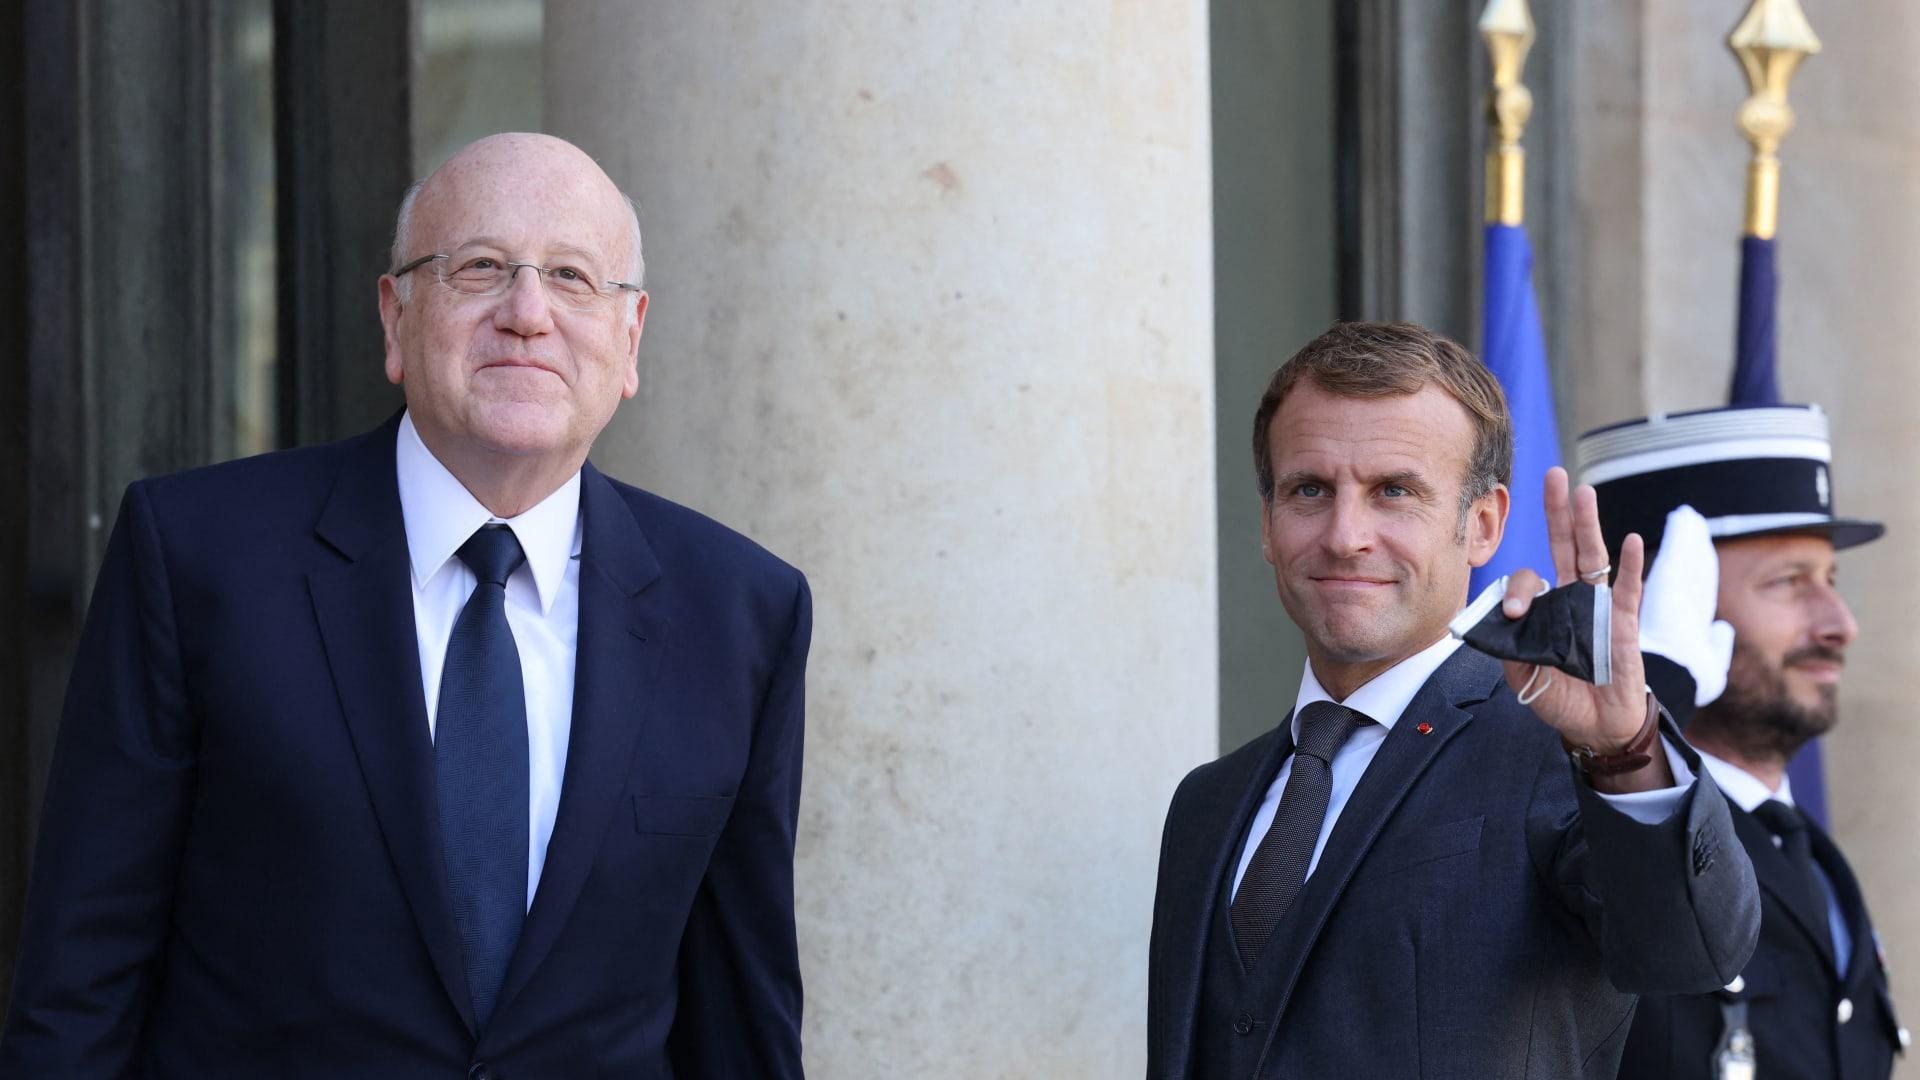 الرئيس الفرنسي، إيمانويل ماكرون مع رئيس الوزراء اللبناني نجيب ميقاتي في قصر الإليزيه